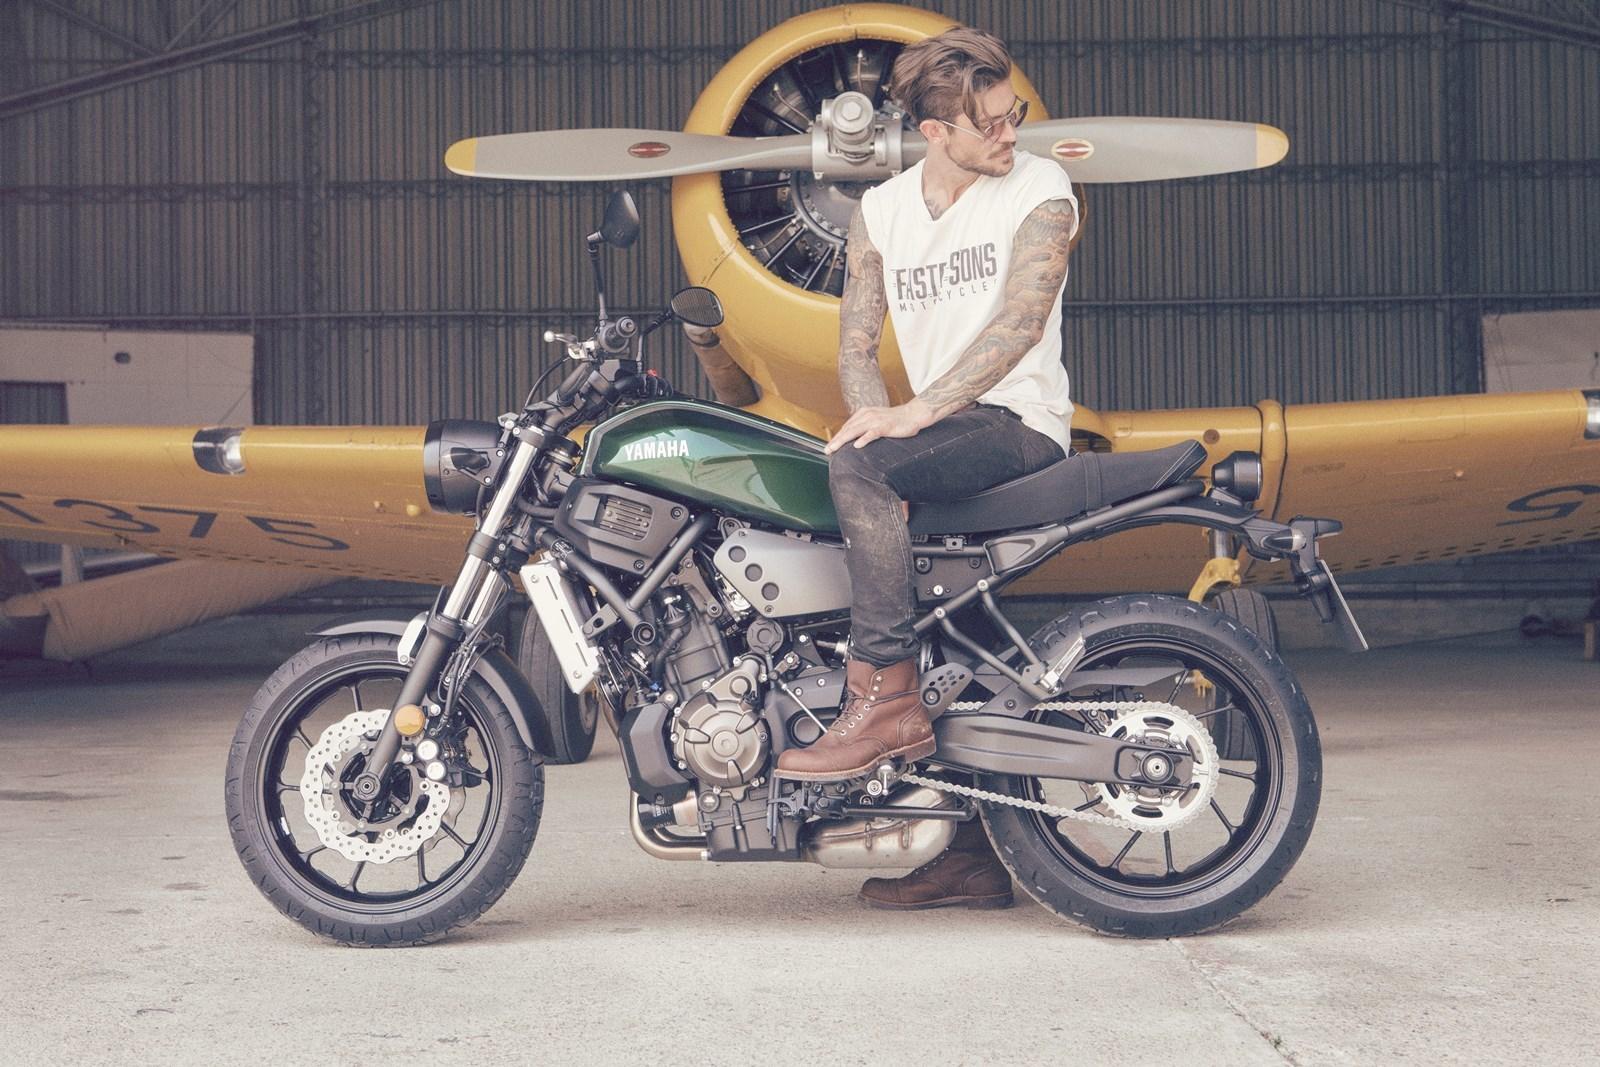 Foto de Yamaha XSR700 en acción y detalles (23/41)